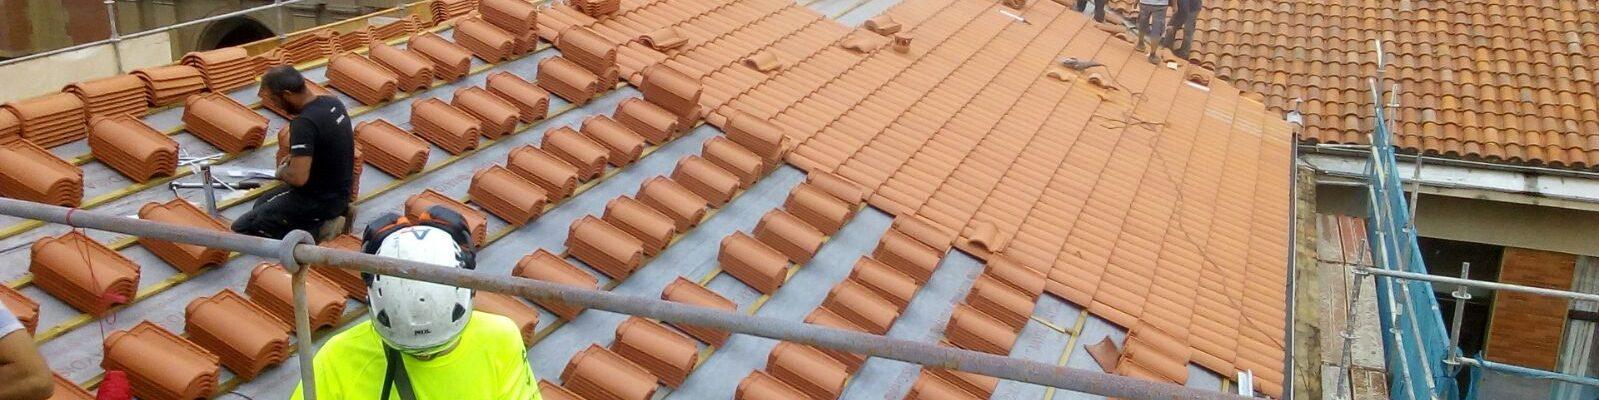 Cambio de la primera fase del tejado (verano 2018). Noticia en prensa